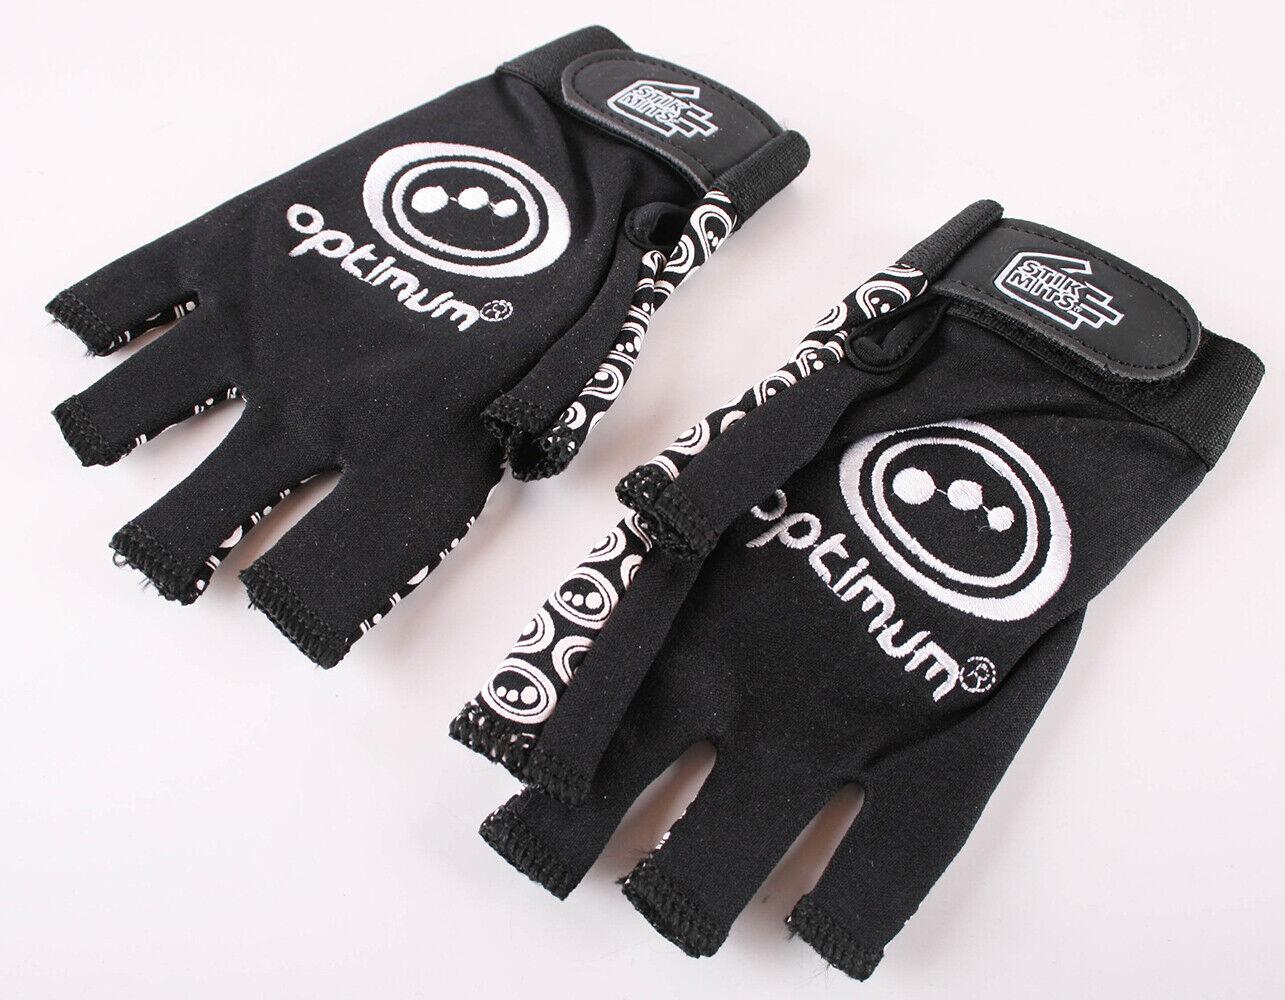 Optimum Unisex Junior Original Skit Mits Rugby Gloves Black/White S